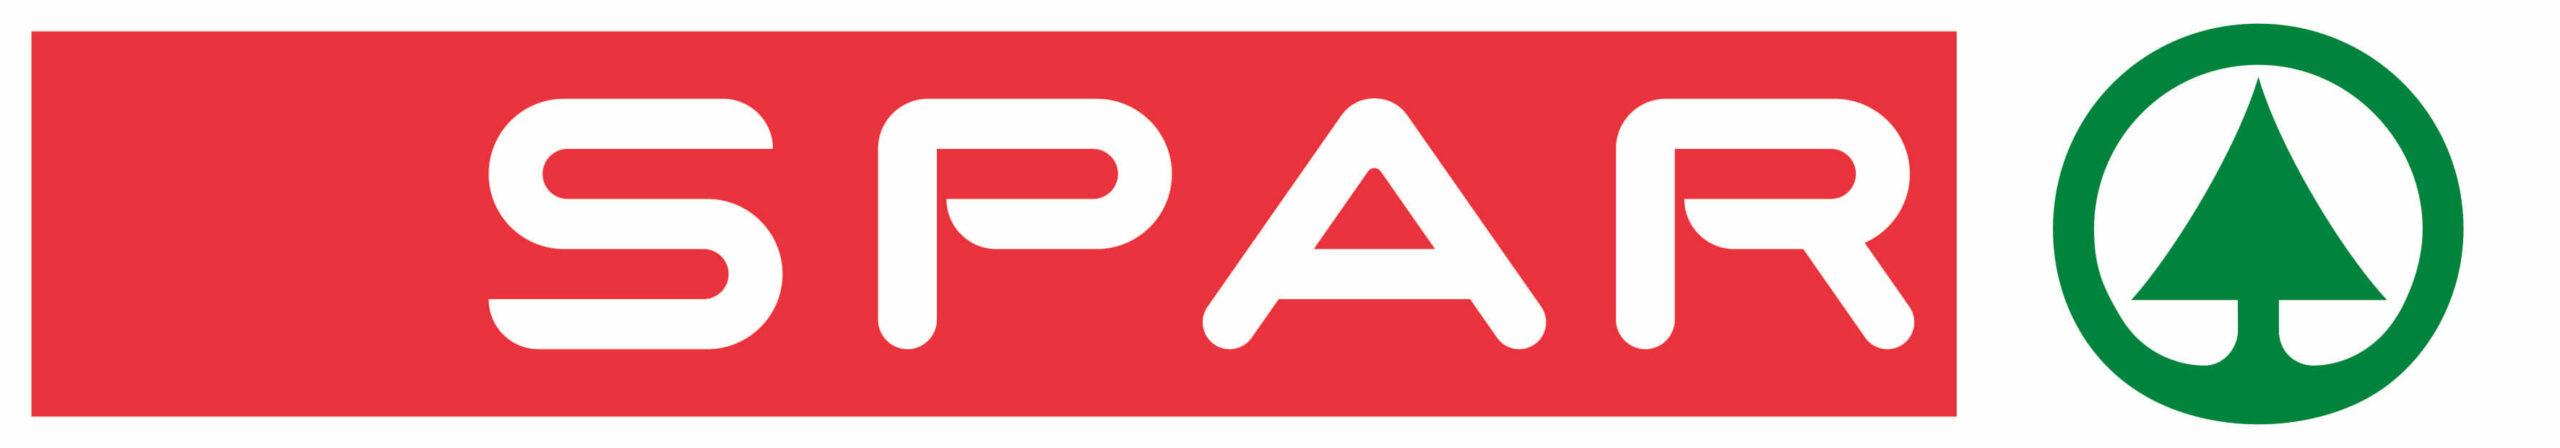 CGA SPAR Sponsor